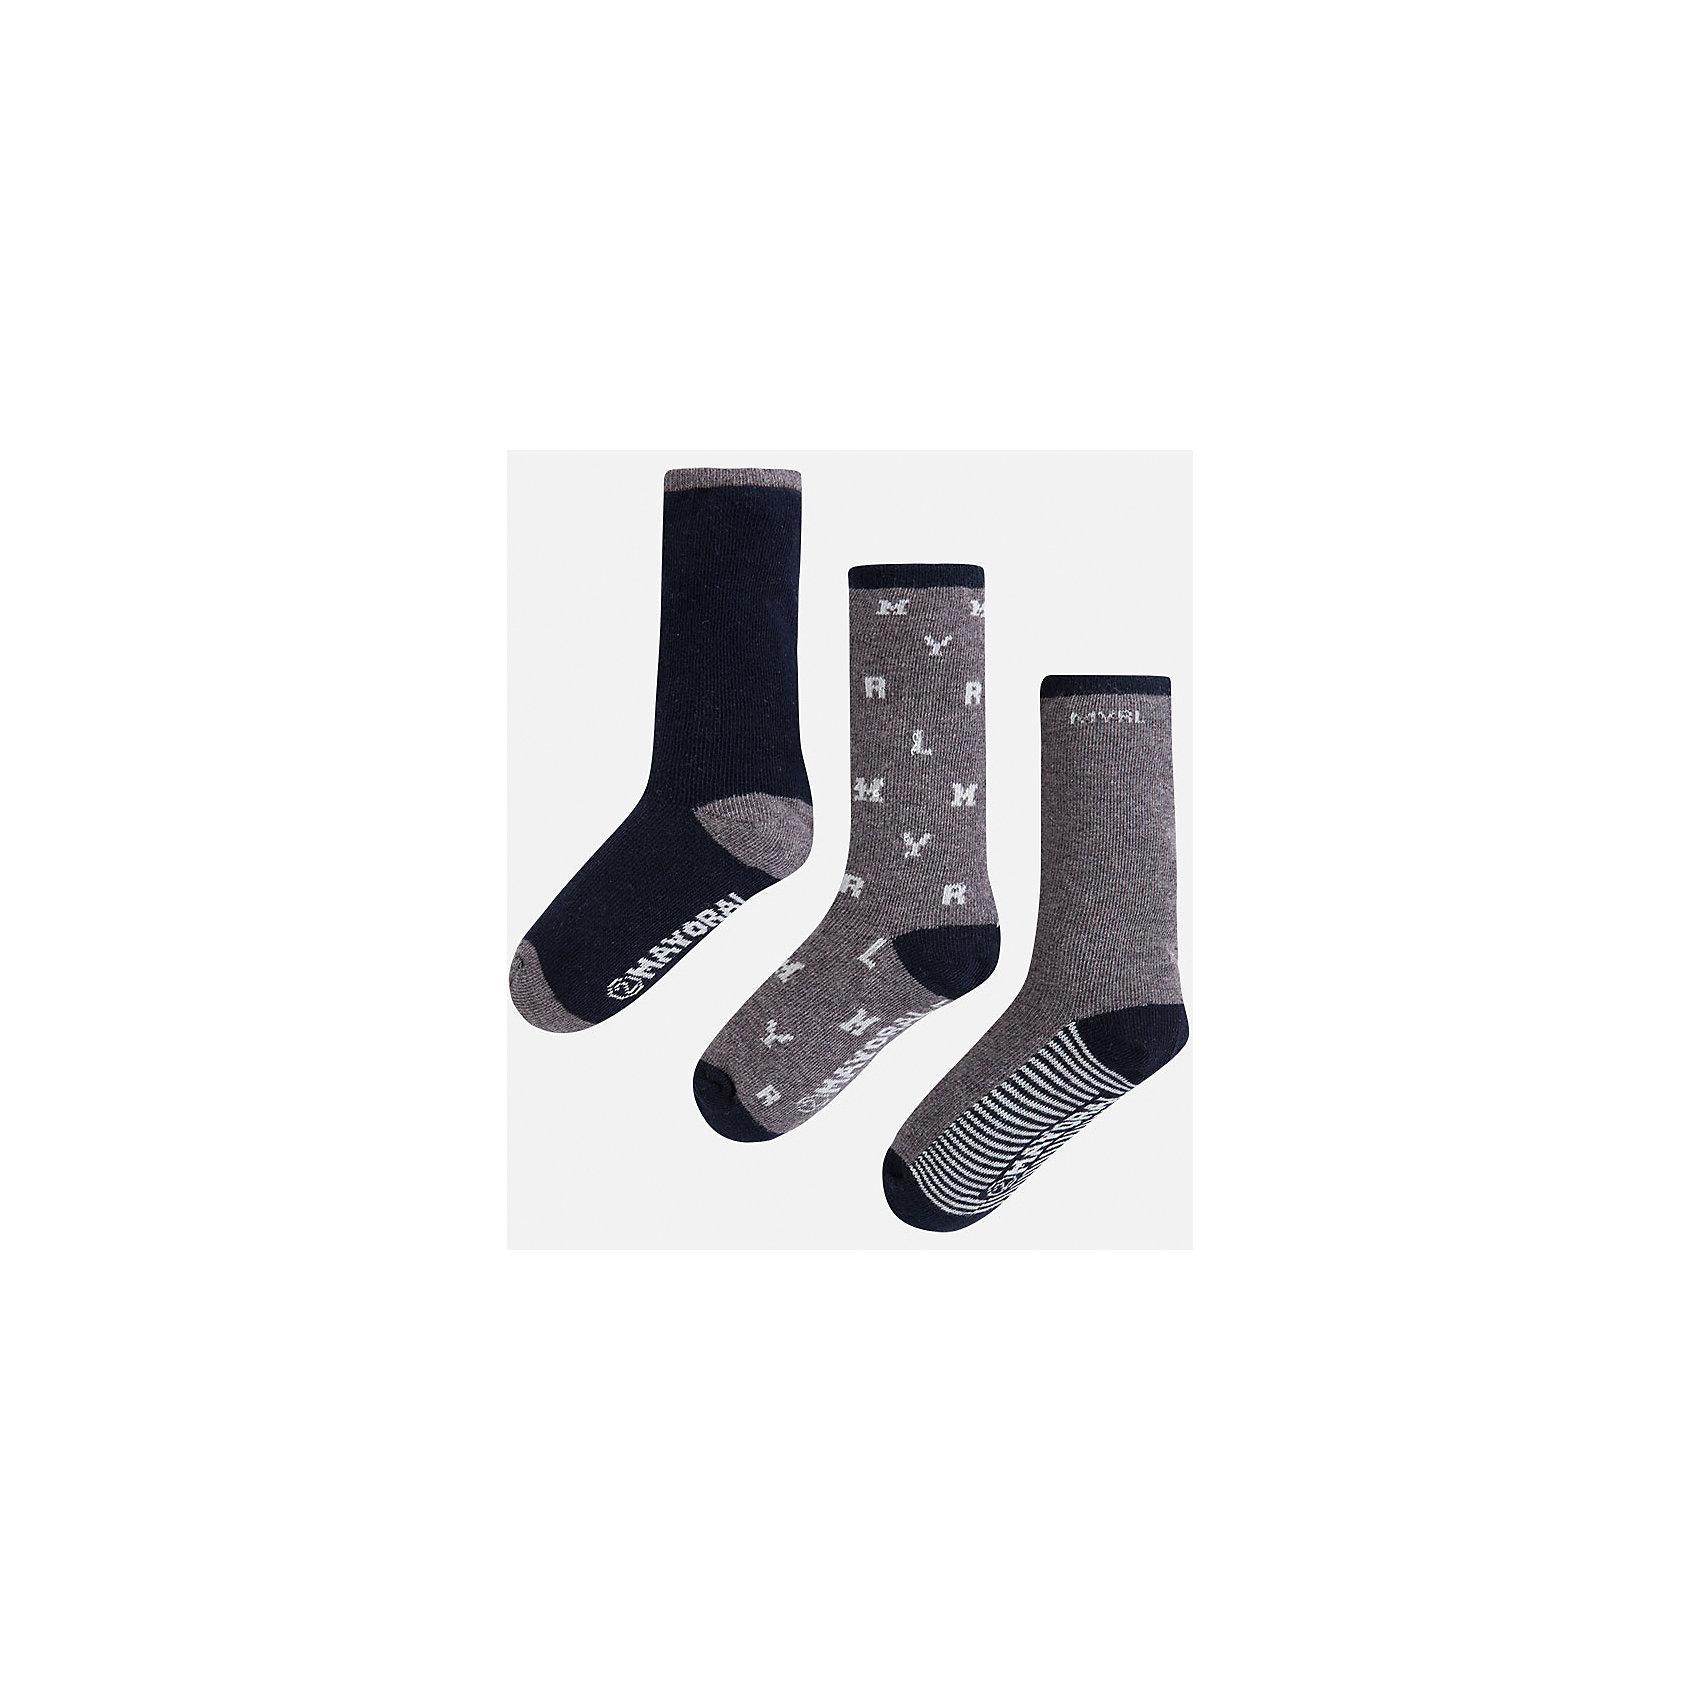 Носки для мальчика, 3 парыКомплект из 3 пар носков от известного испанского бренда Mayoral. Носки изготовлены из качественных и дышащих материалов. Каждая пара имеет разный оригинальный дизайн.<br>Дополнительная информация:<br>-цвет: черный, серый, белый<br>-состав: 72% хлопок, 25% полиамид, 3% эластан<br>Комплект носков Mayoral можно приобрести в нашем интернет-магазине<br><br>Ширина мм: 87<br>Глубина мм: 10<br>Высота мм: 105<br>Вес г: 115<br>Цвет: синий<br>Возраст от месяцев: 36<br>Возраст до месяцев: 48<br>Пол: Мужской<br>Возраст: Детский<br>Размер: 4,6,8<br>SKU: 4820125